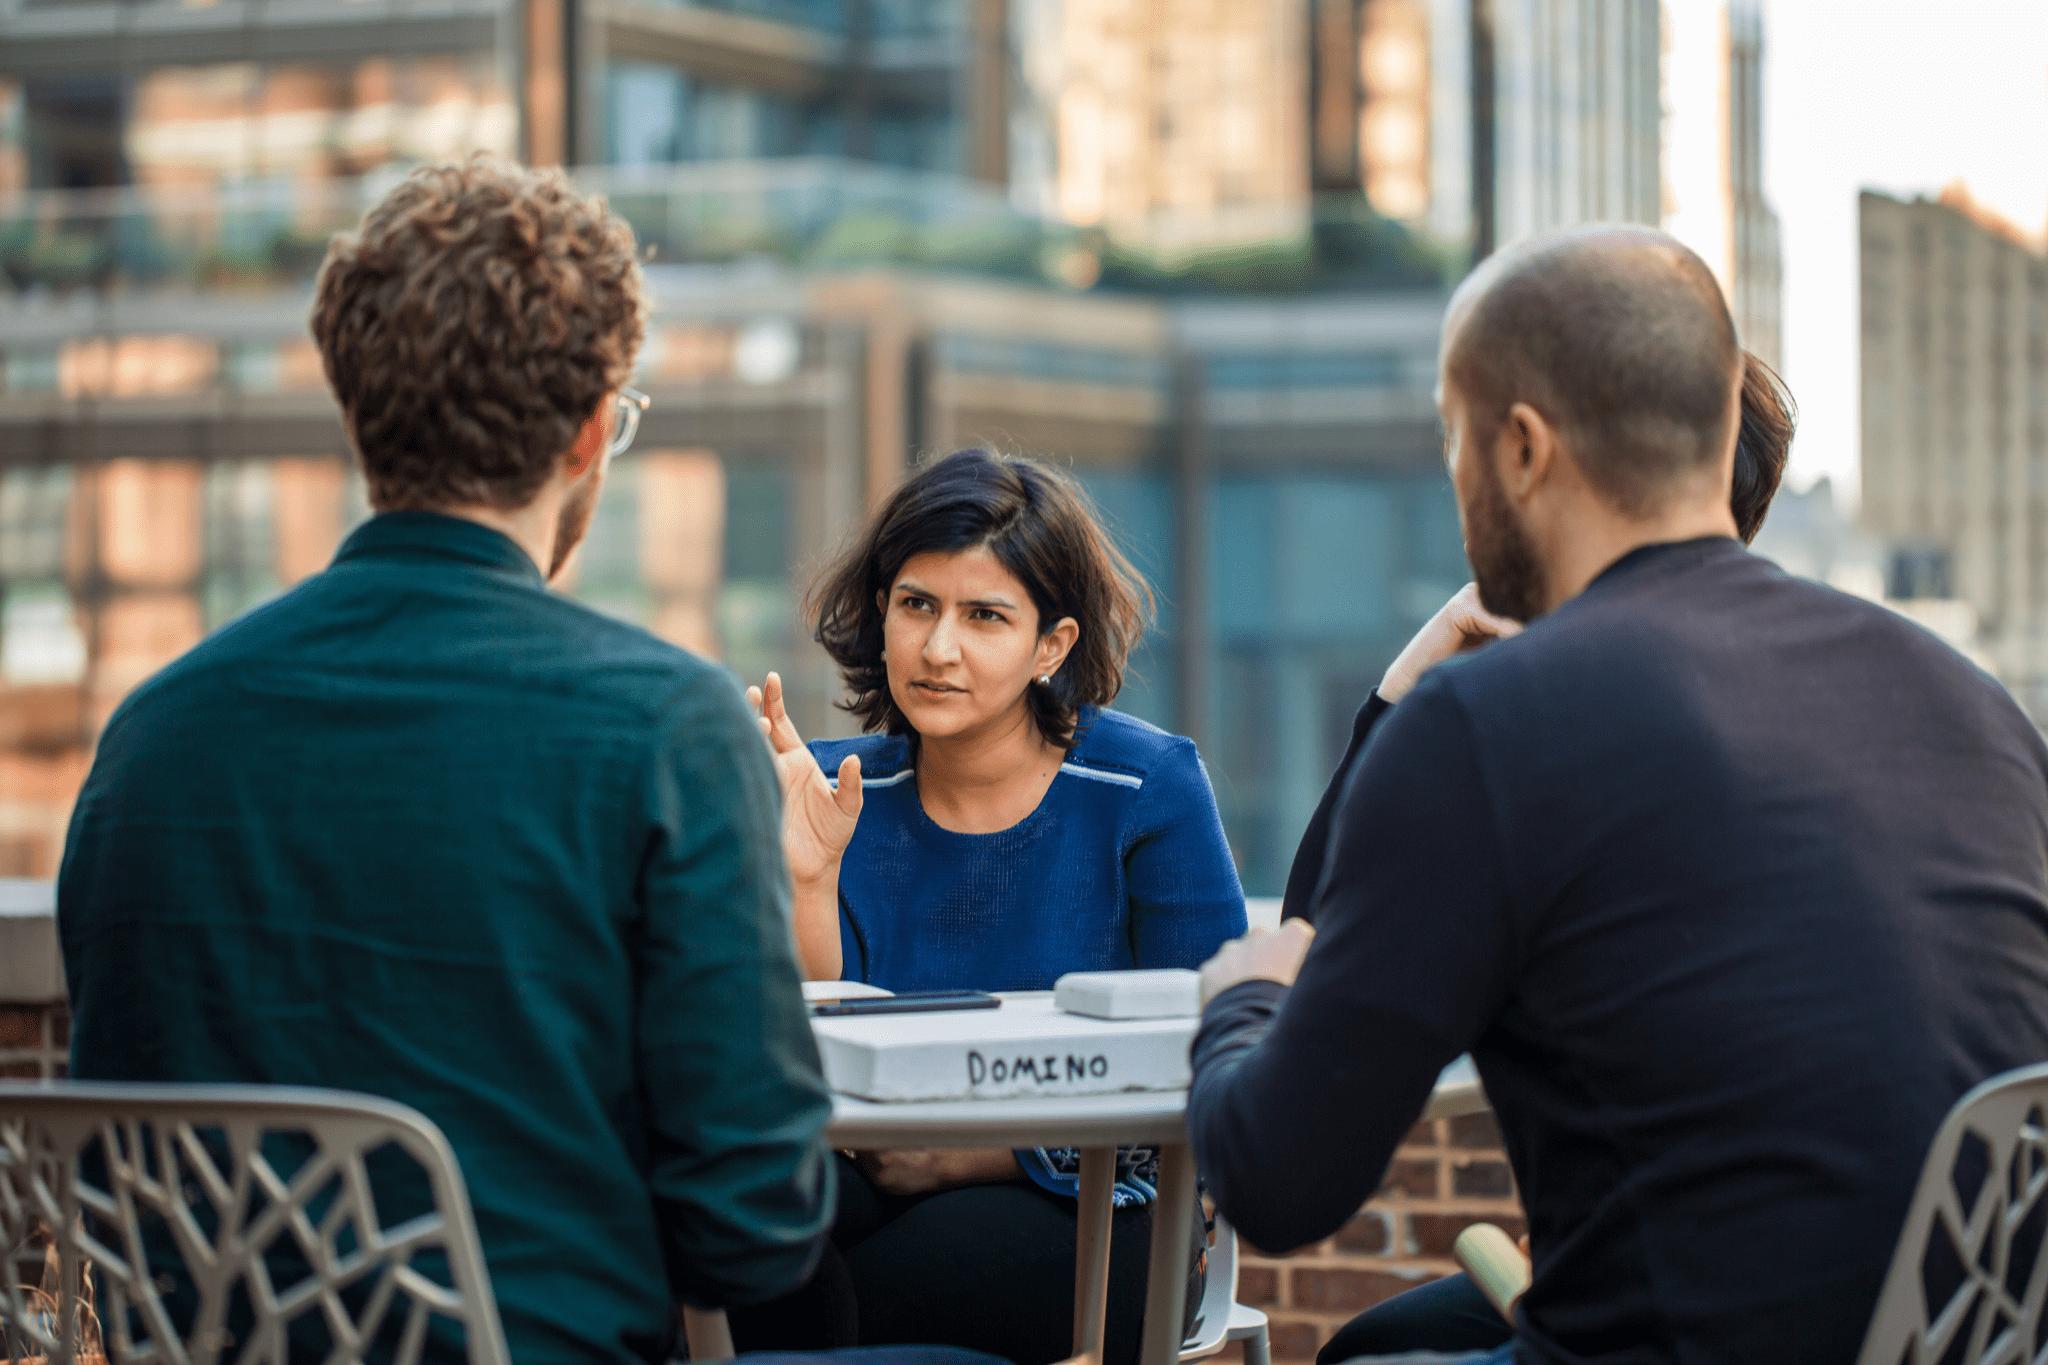 Kommunikation zwischen Baustelle und Büro verbessern